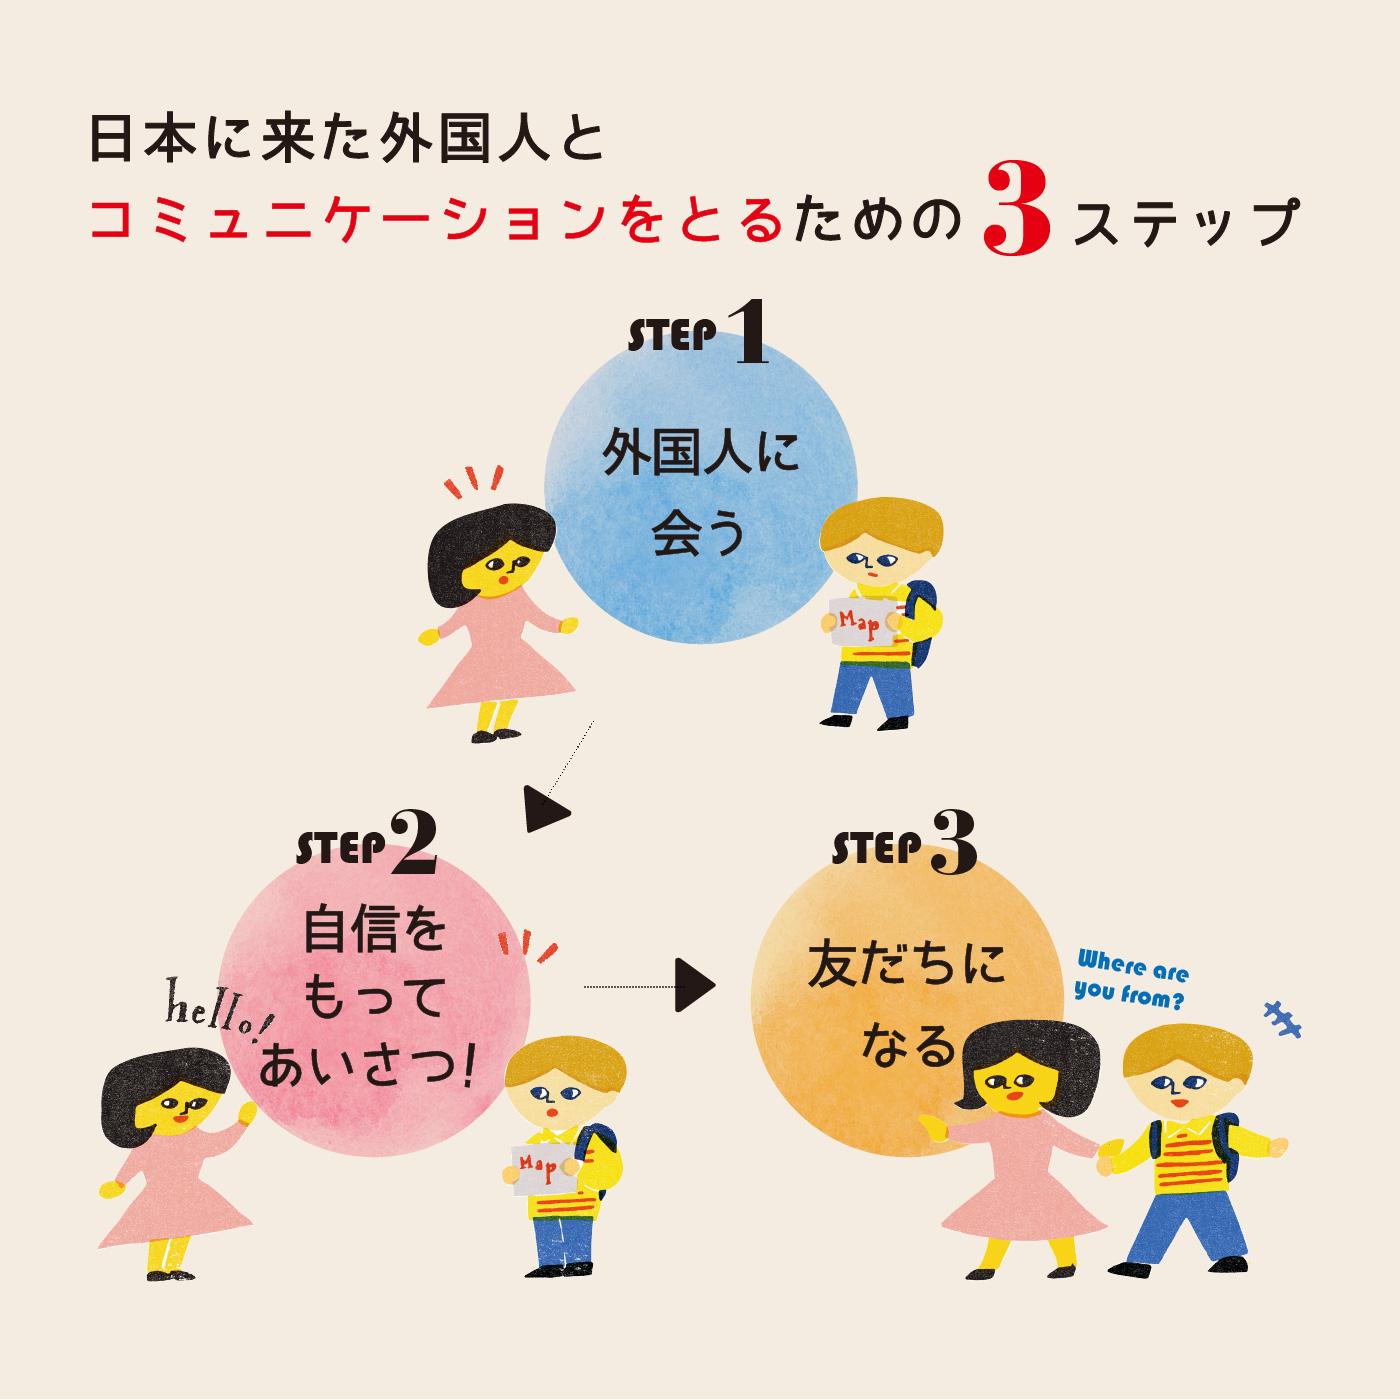 いろんな国のことを学んでコミュニケーションスキルを磨くありそうでなかった語学講座。海外の方に思わず声をかけたくなりますよ!